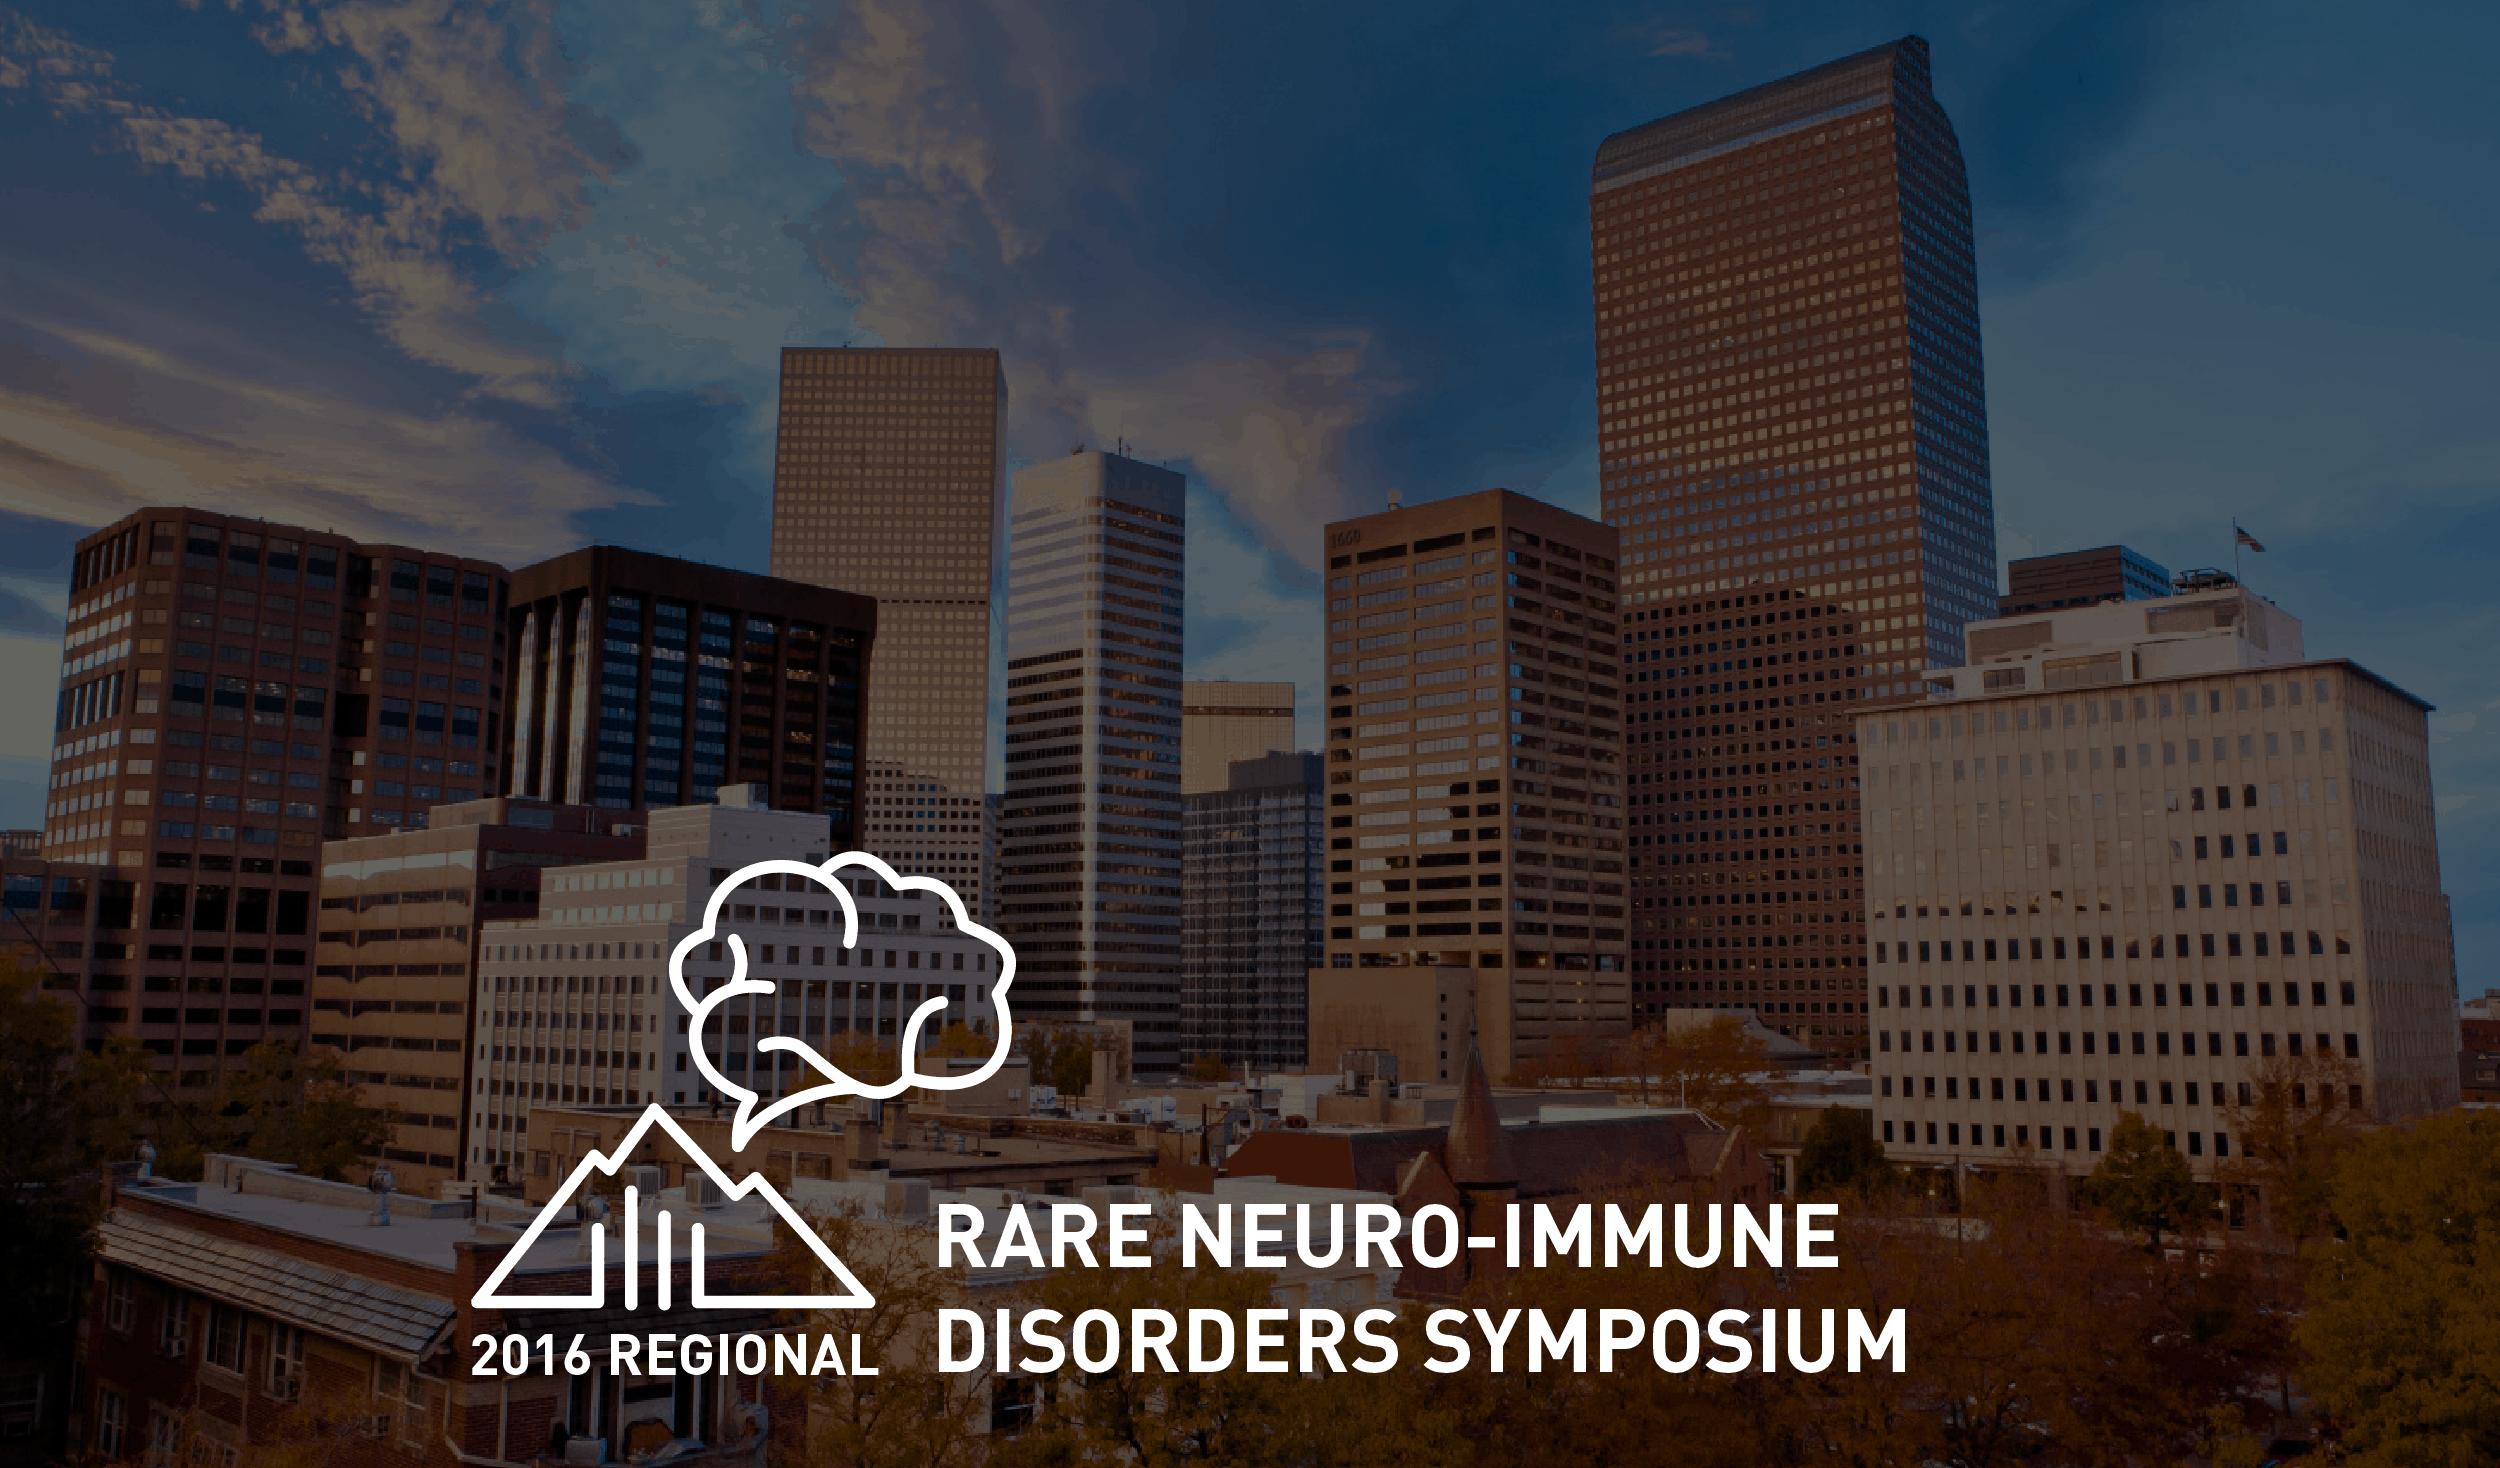 2016 Regional Rare Neuro-Immune Disorders Symposium